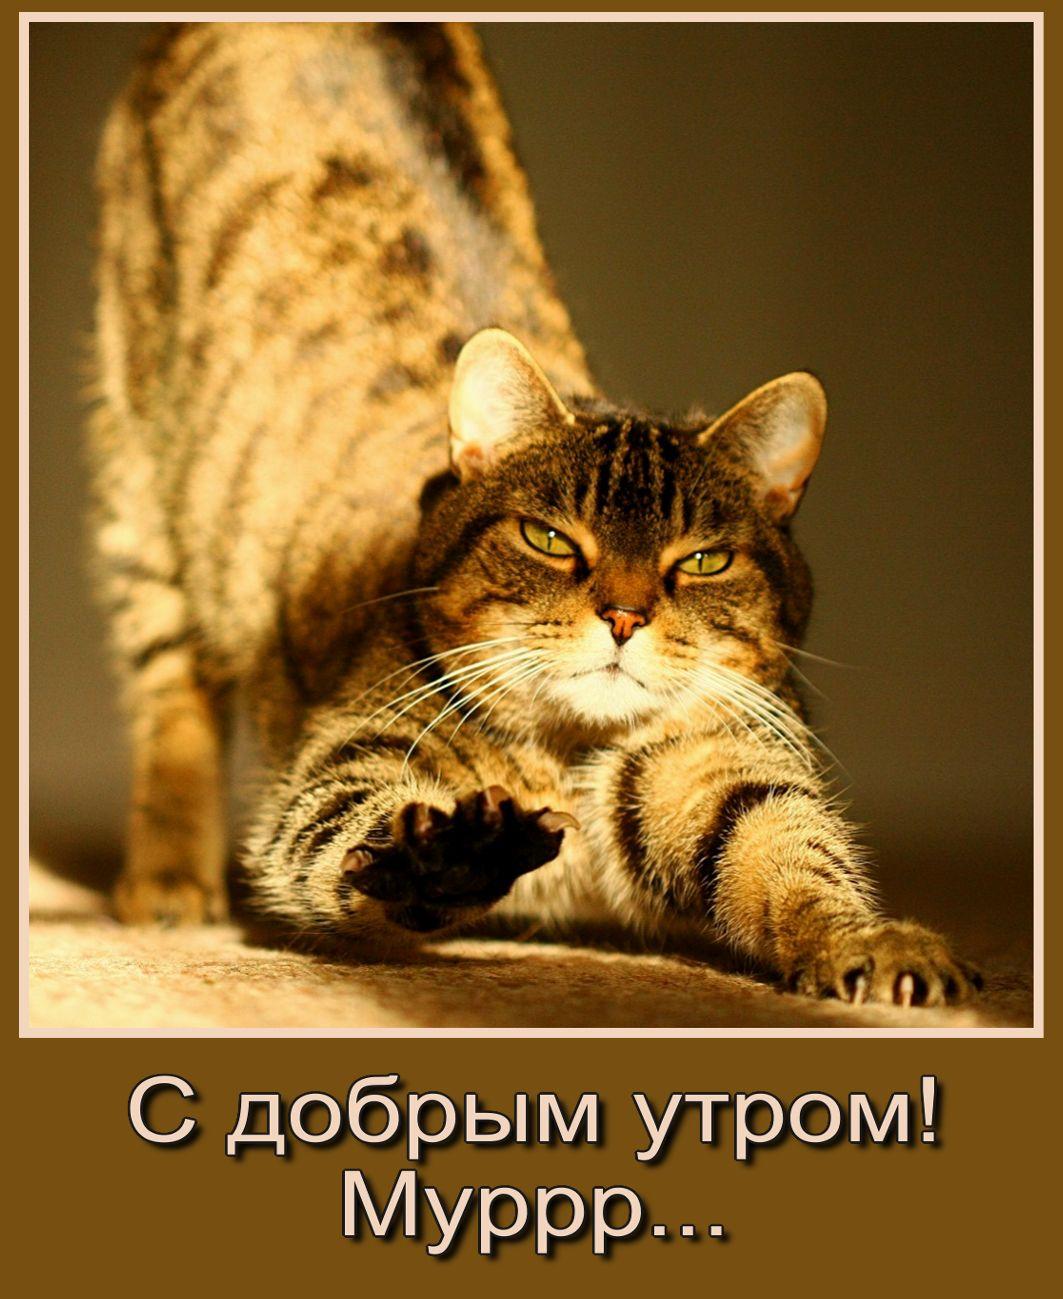 Доброе утро картинки прикольные с котами и надписями